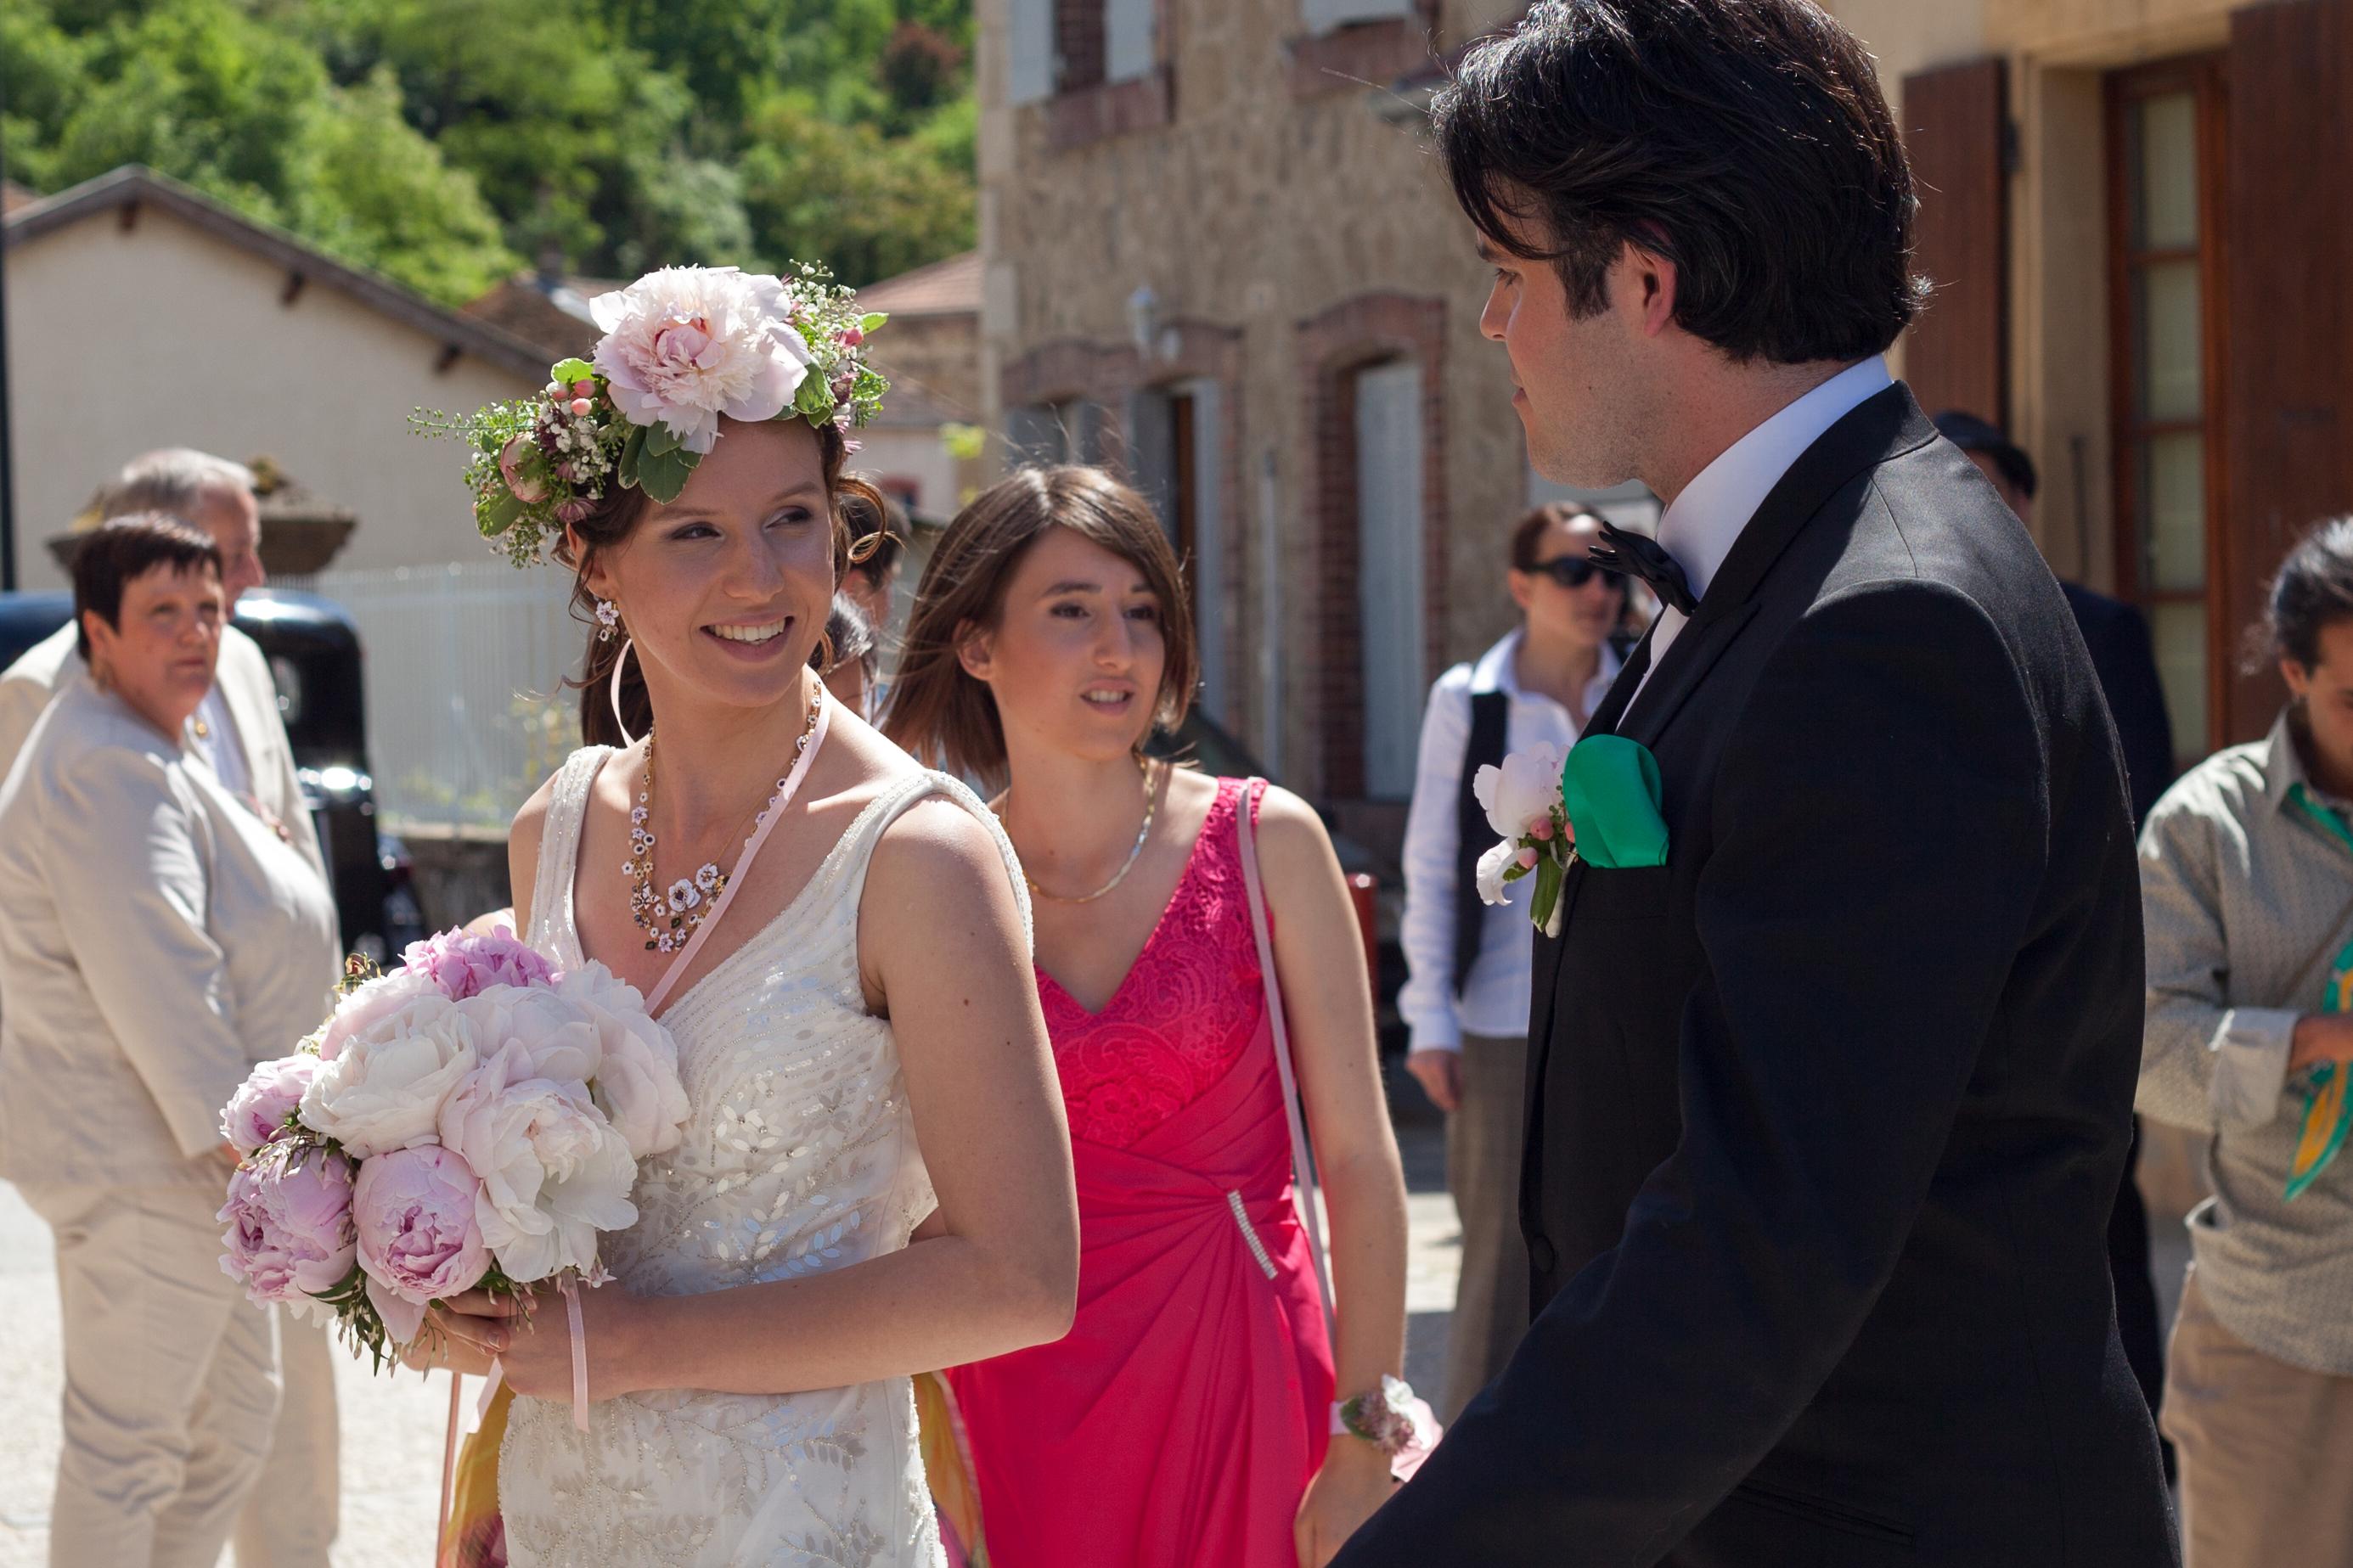 Le mariage de printemps, romantique et floral, de Mme la Rose